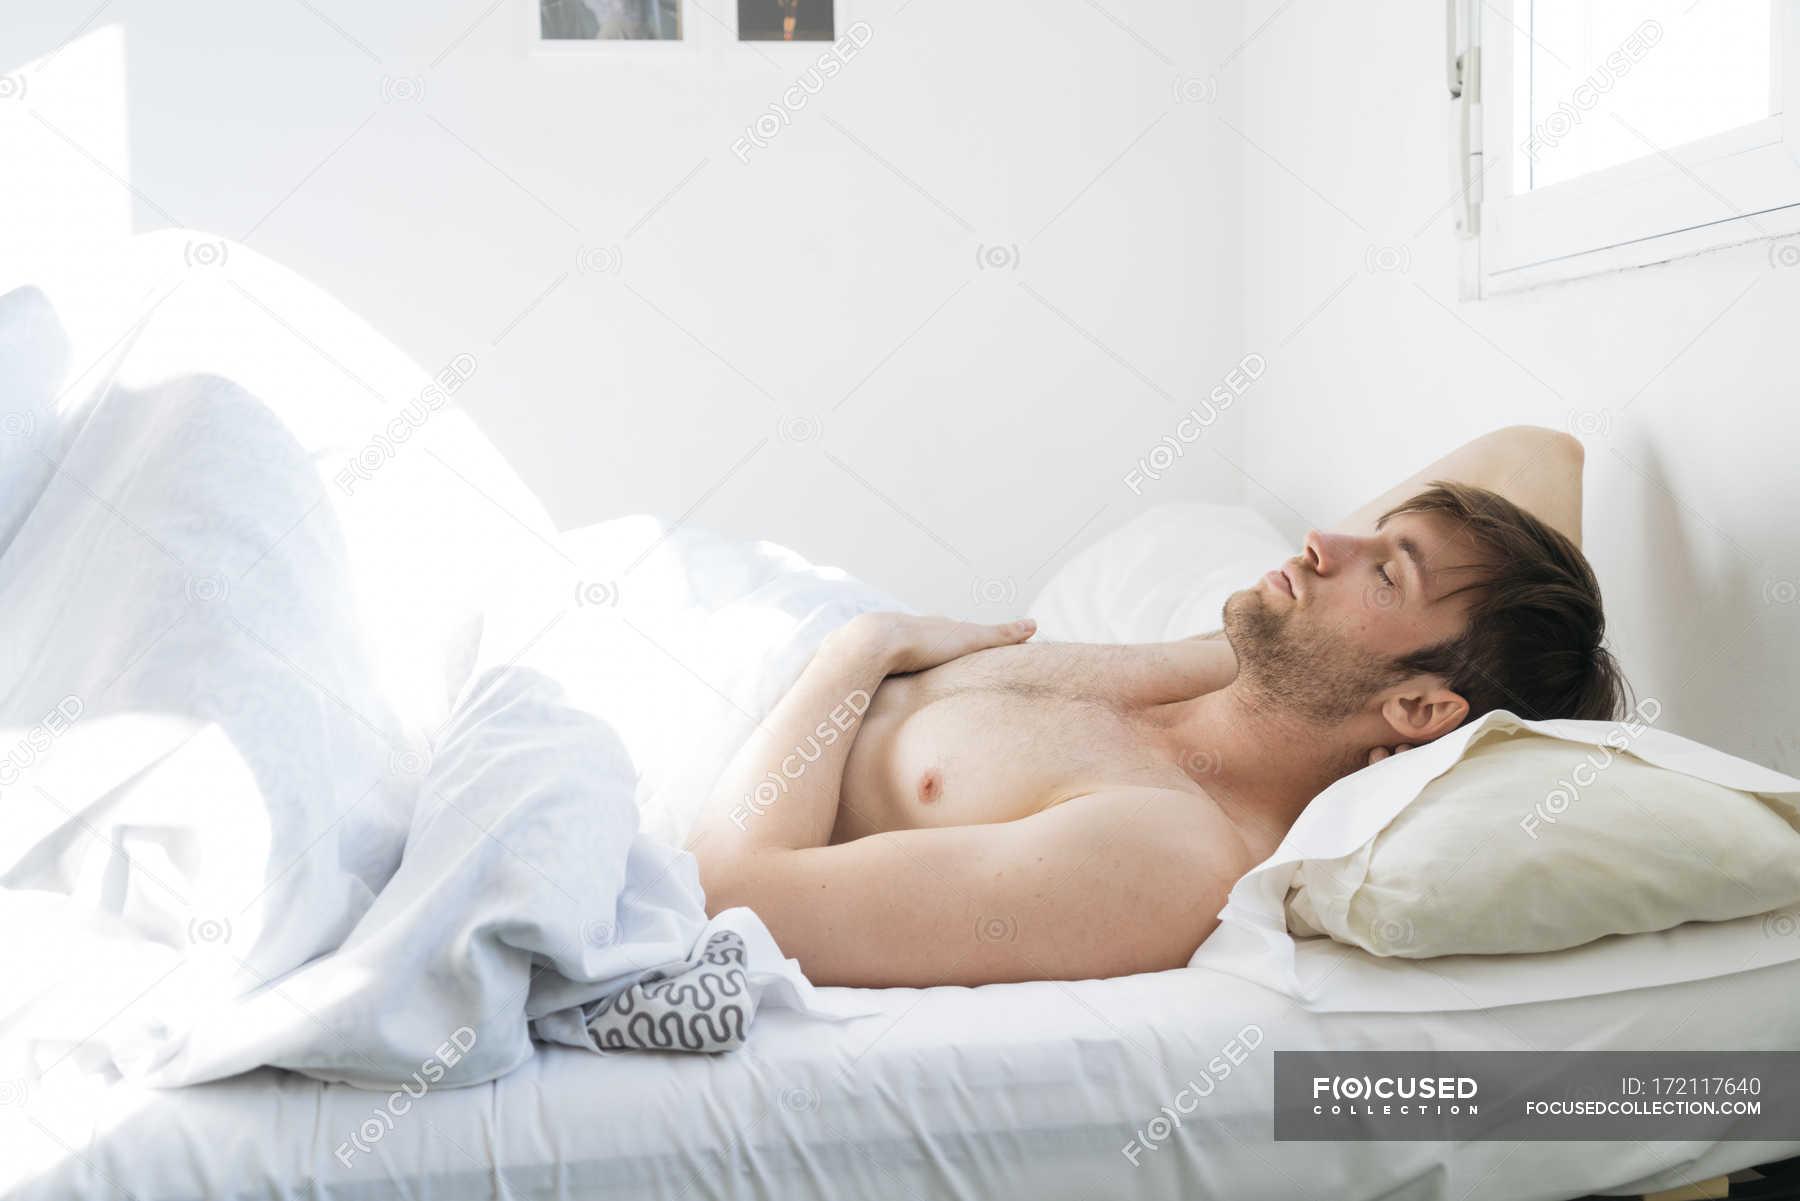 С кузиной в постели, Дядя с удовольствием трахнул кузину, пришедшую с пар 14 фотография